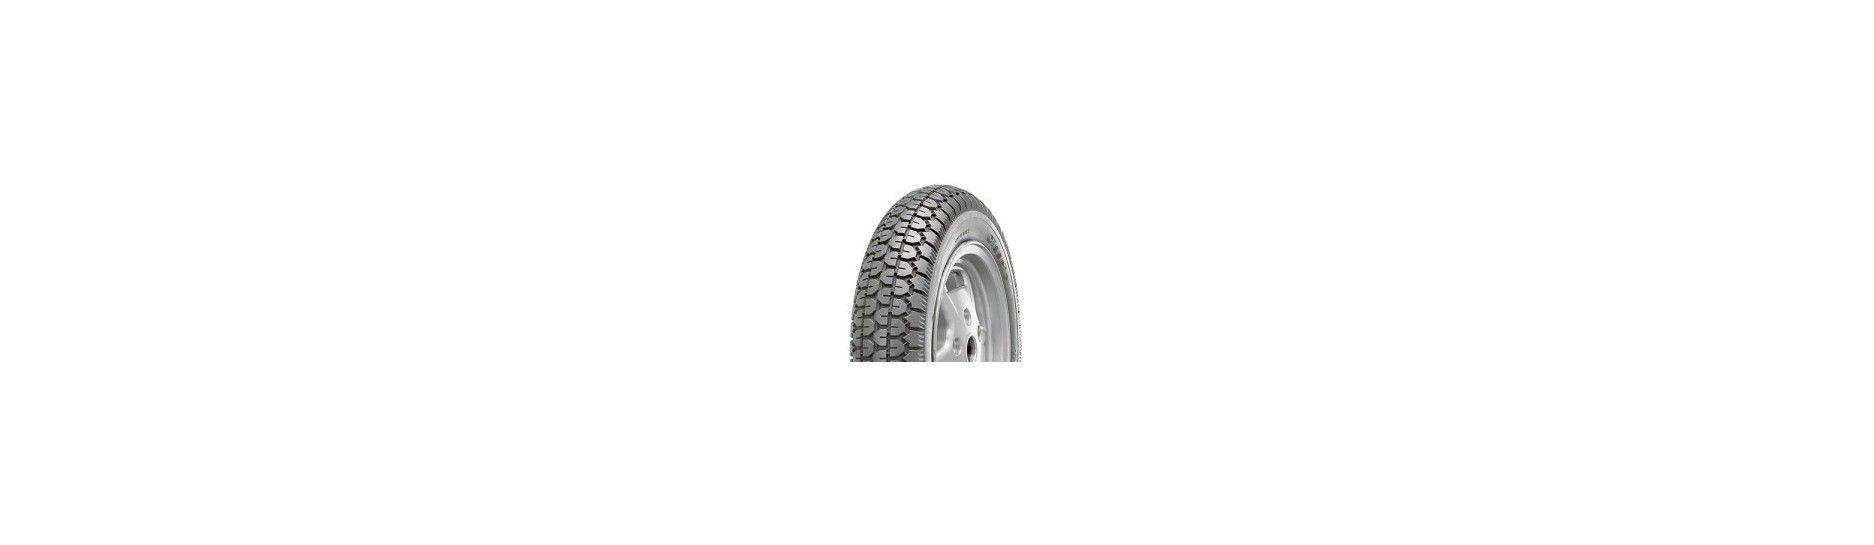 10-ti palcové pneumatiky